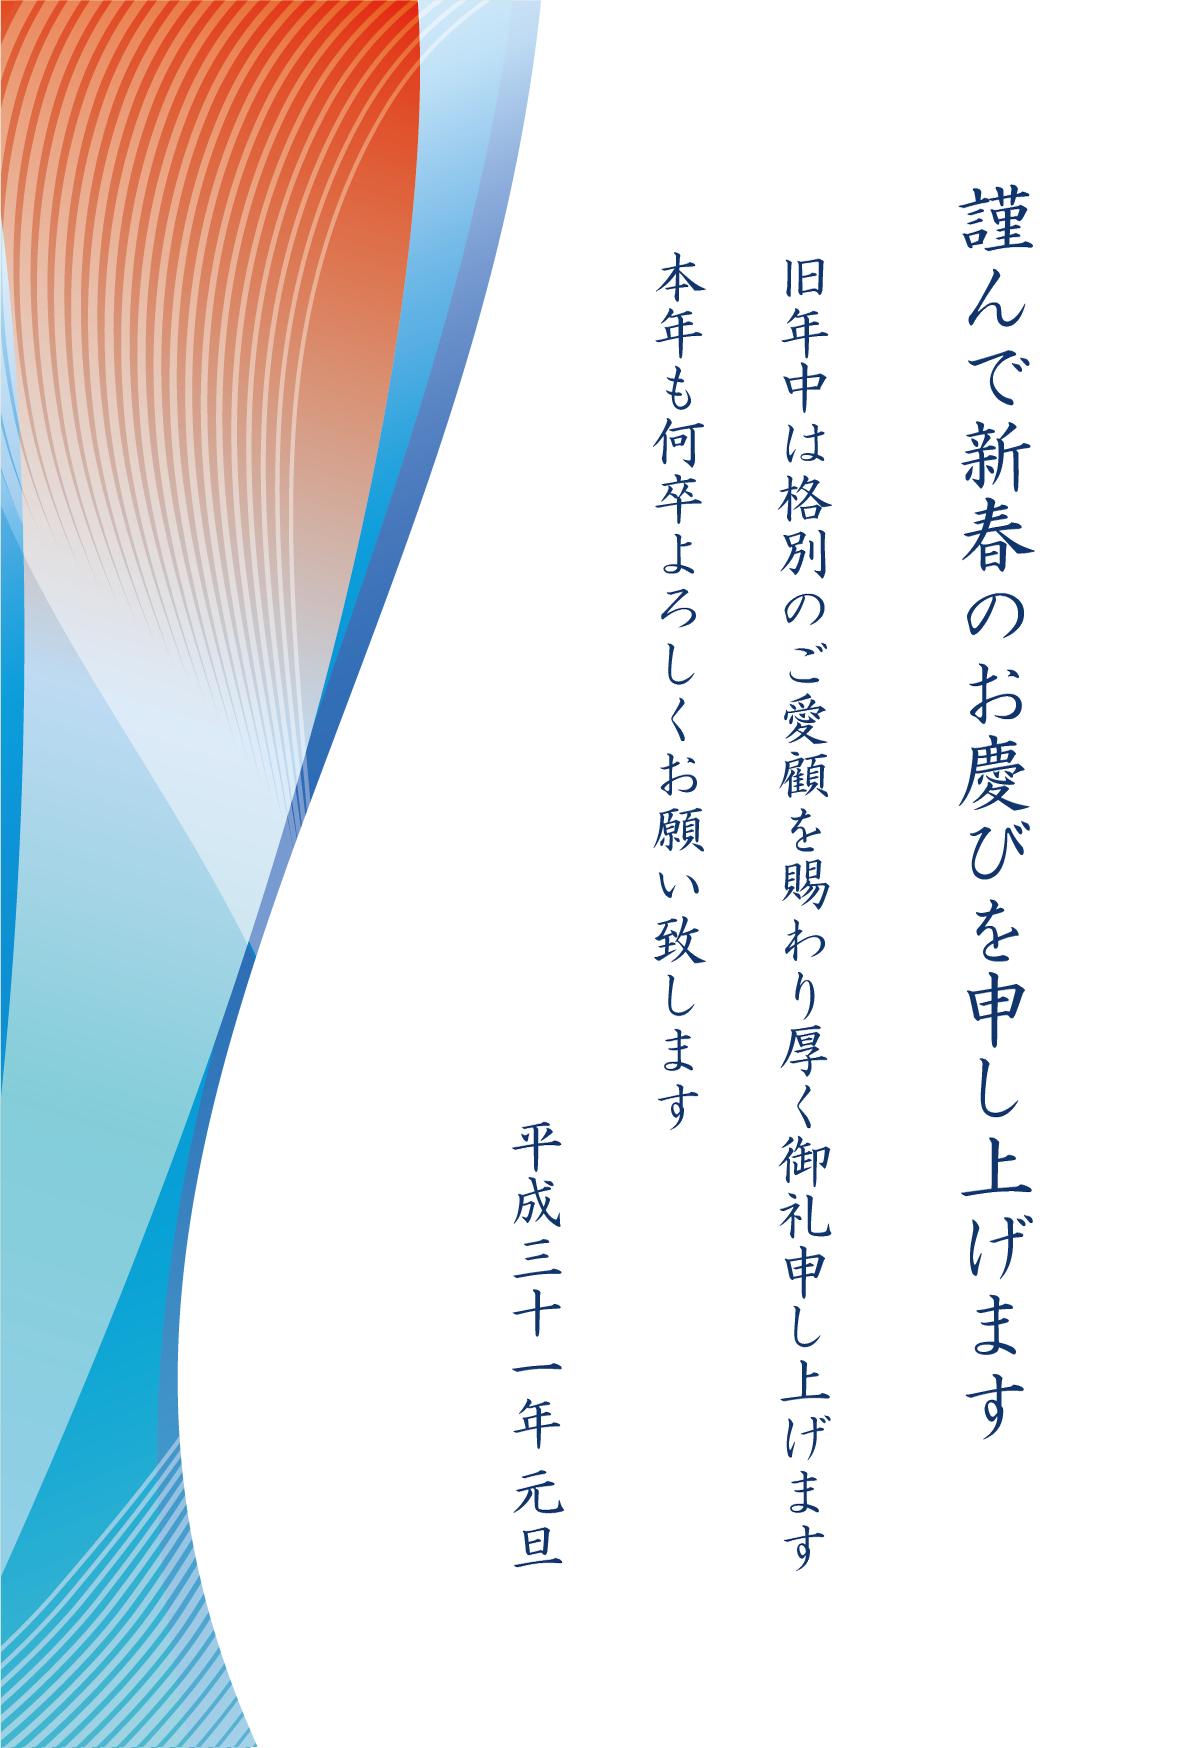 無料 2019年 ビジネス年賀状 カラフル